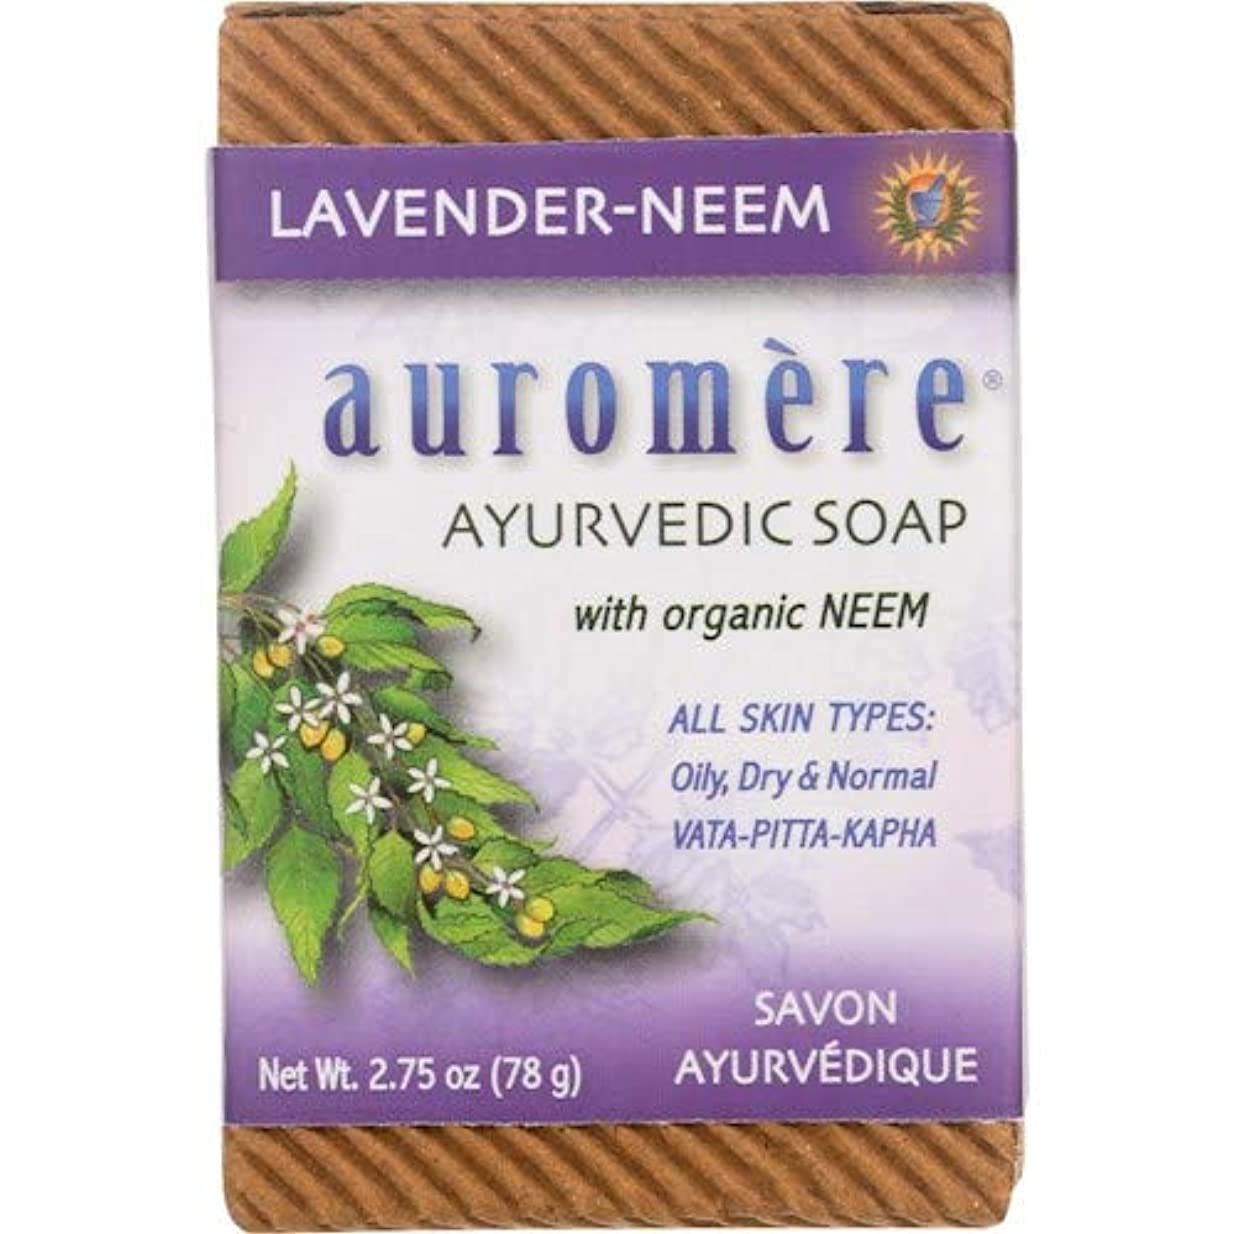 魅力データム死にかけているオーロメア (Auromere) アーユルヴェーダ 石鹸/ラベンダー?ニーム 78g 6+1個 セット